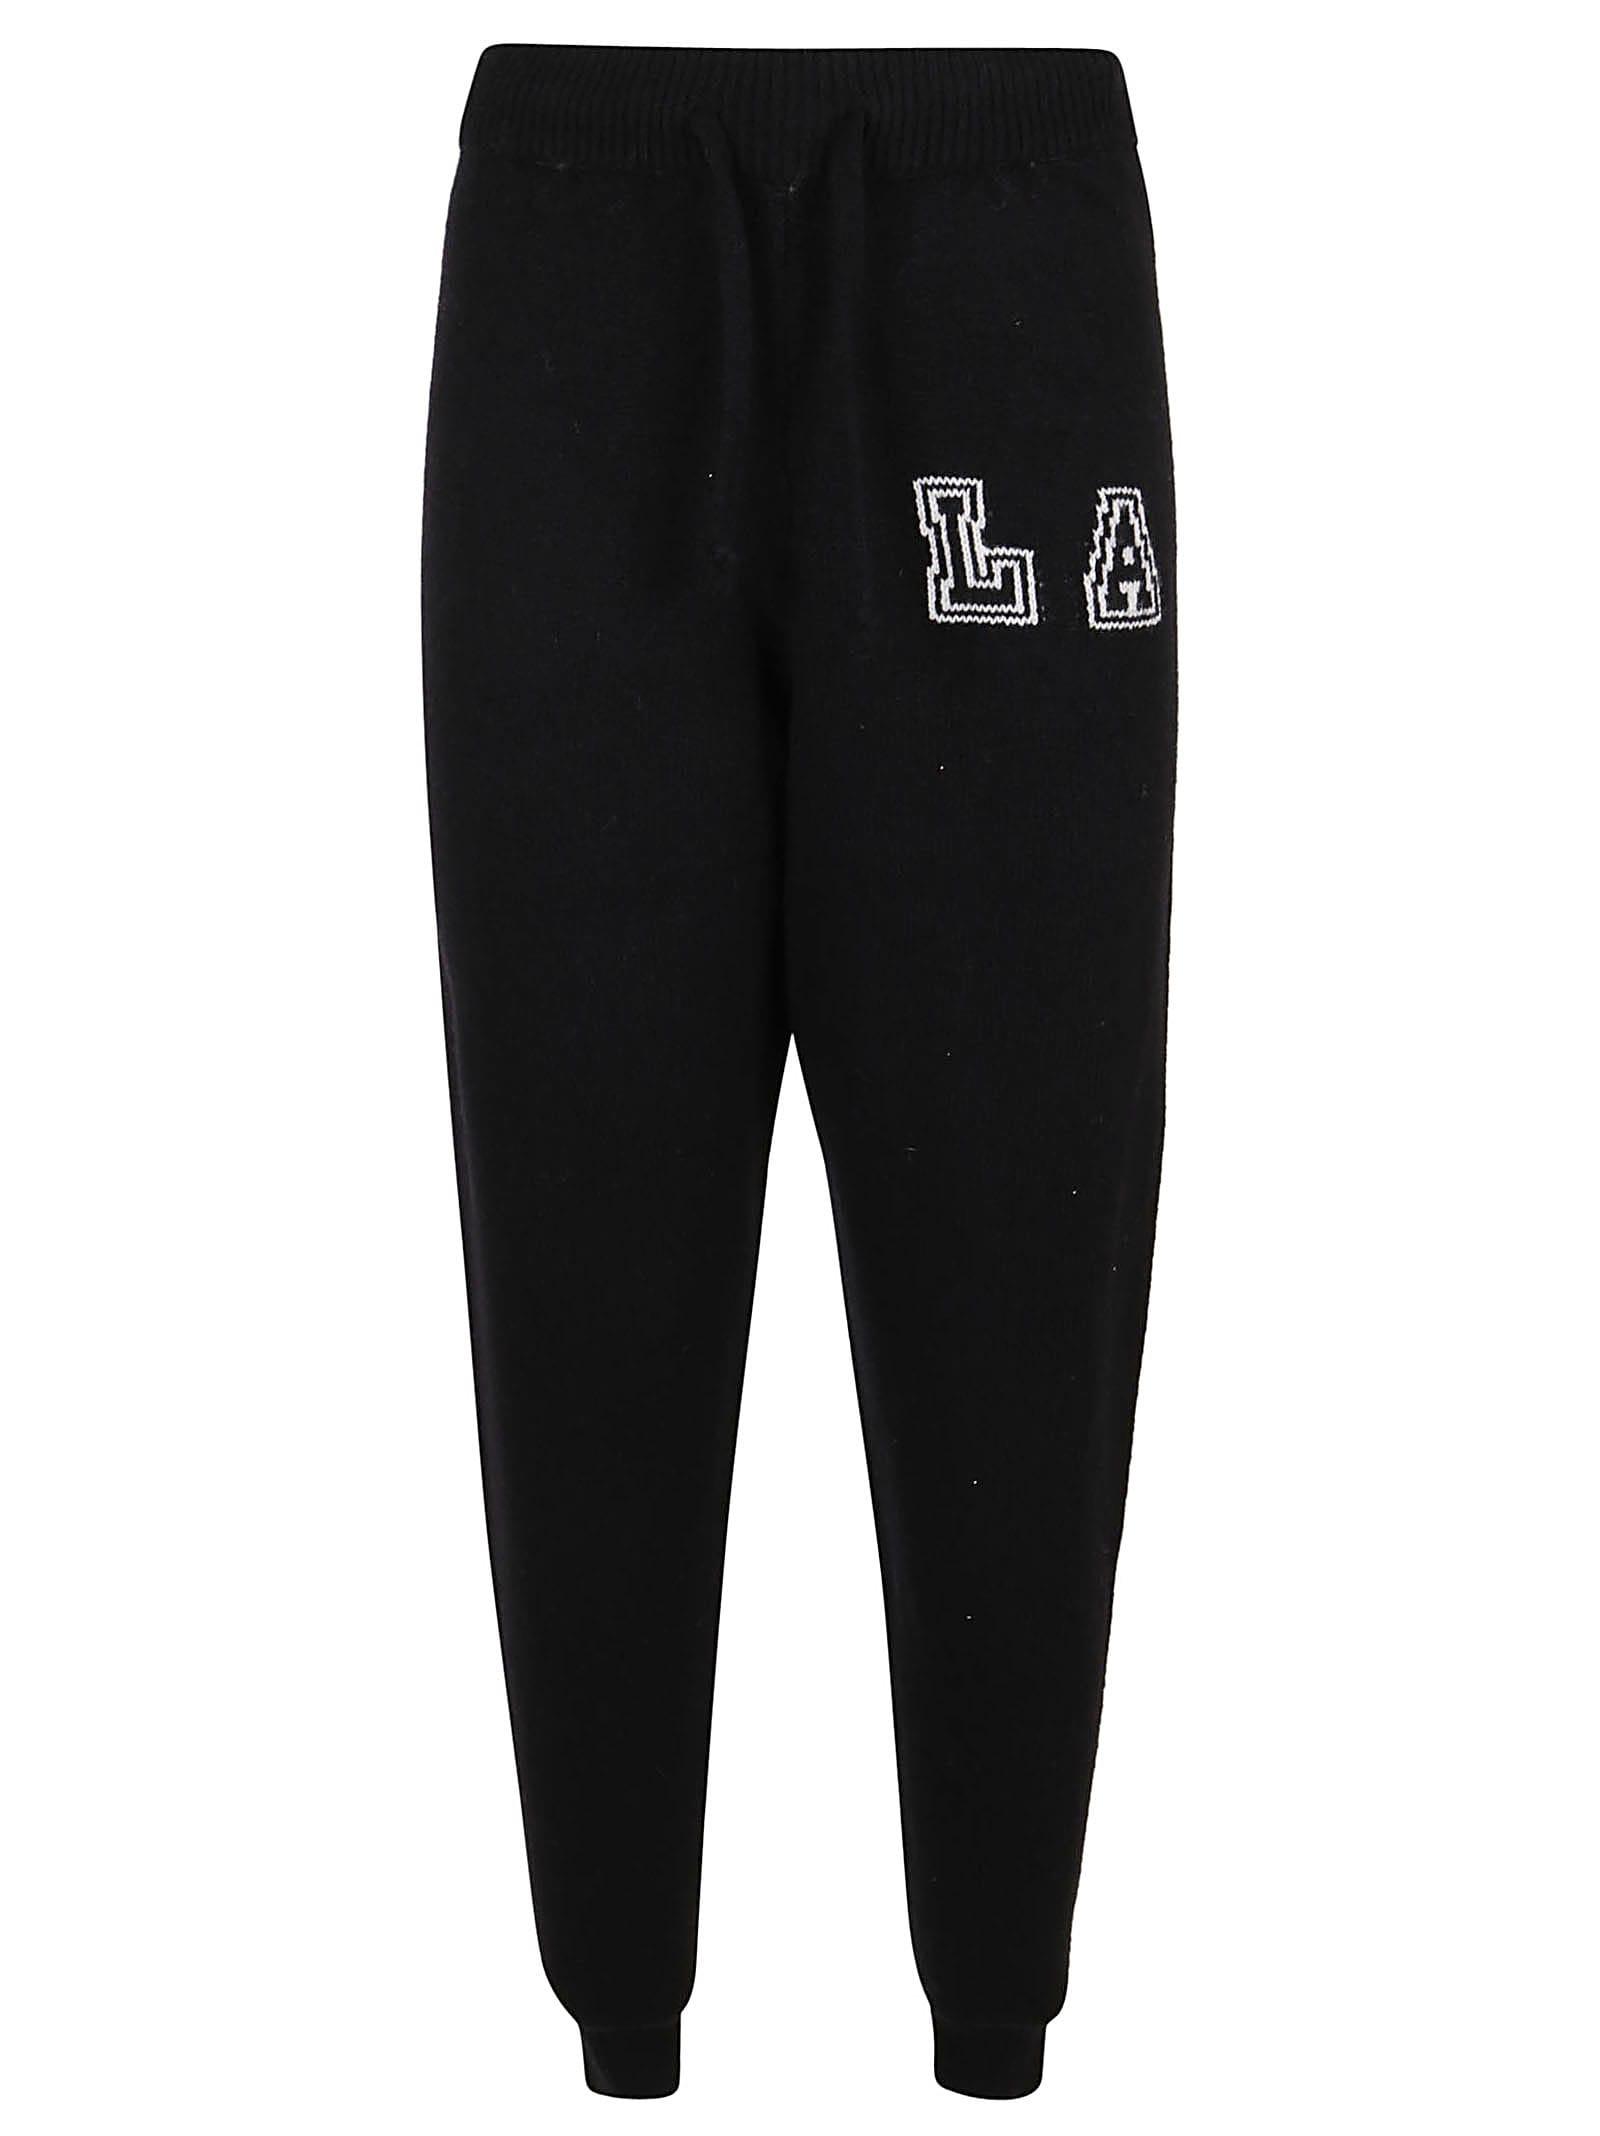 La Black Pants